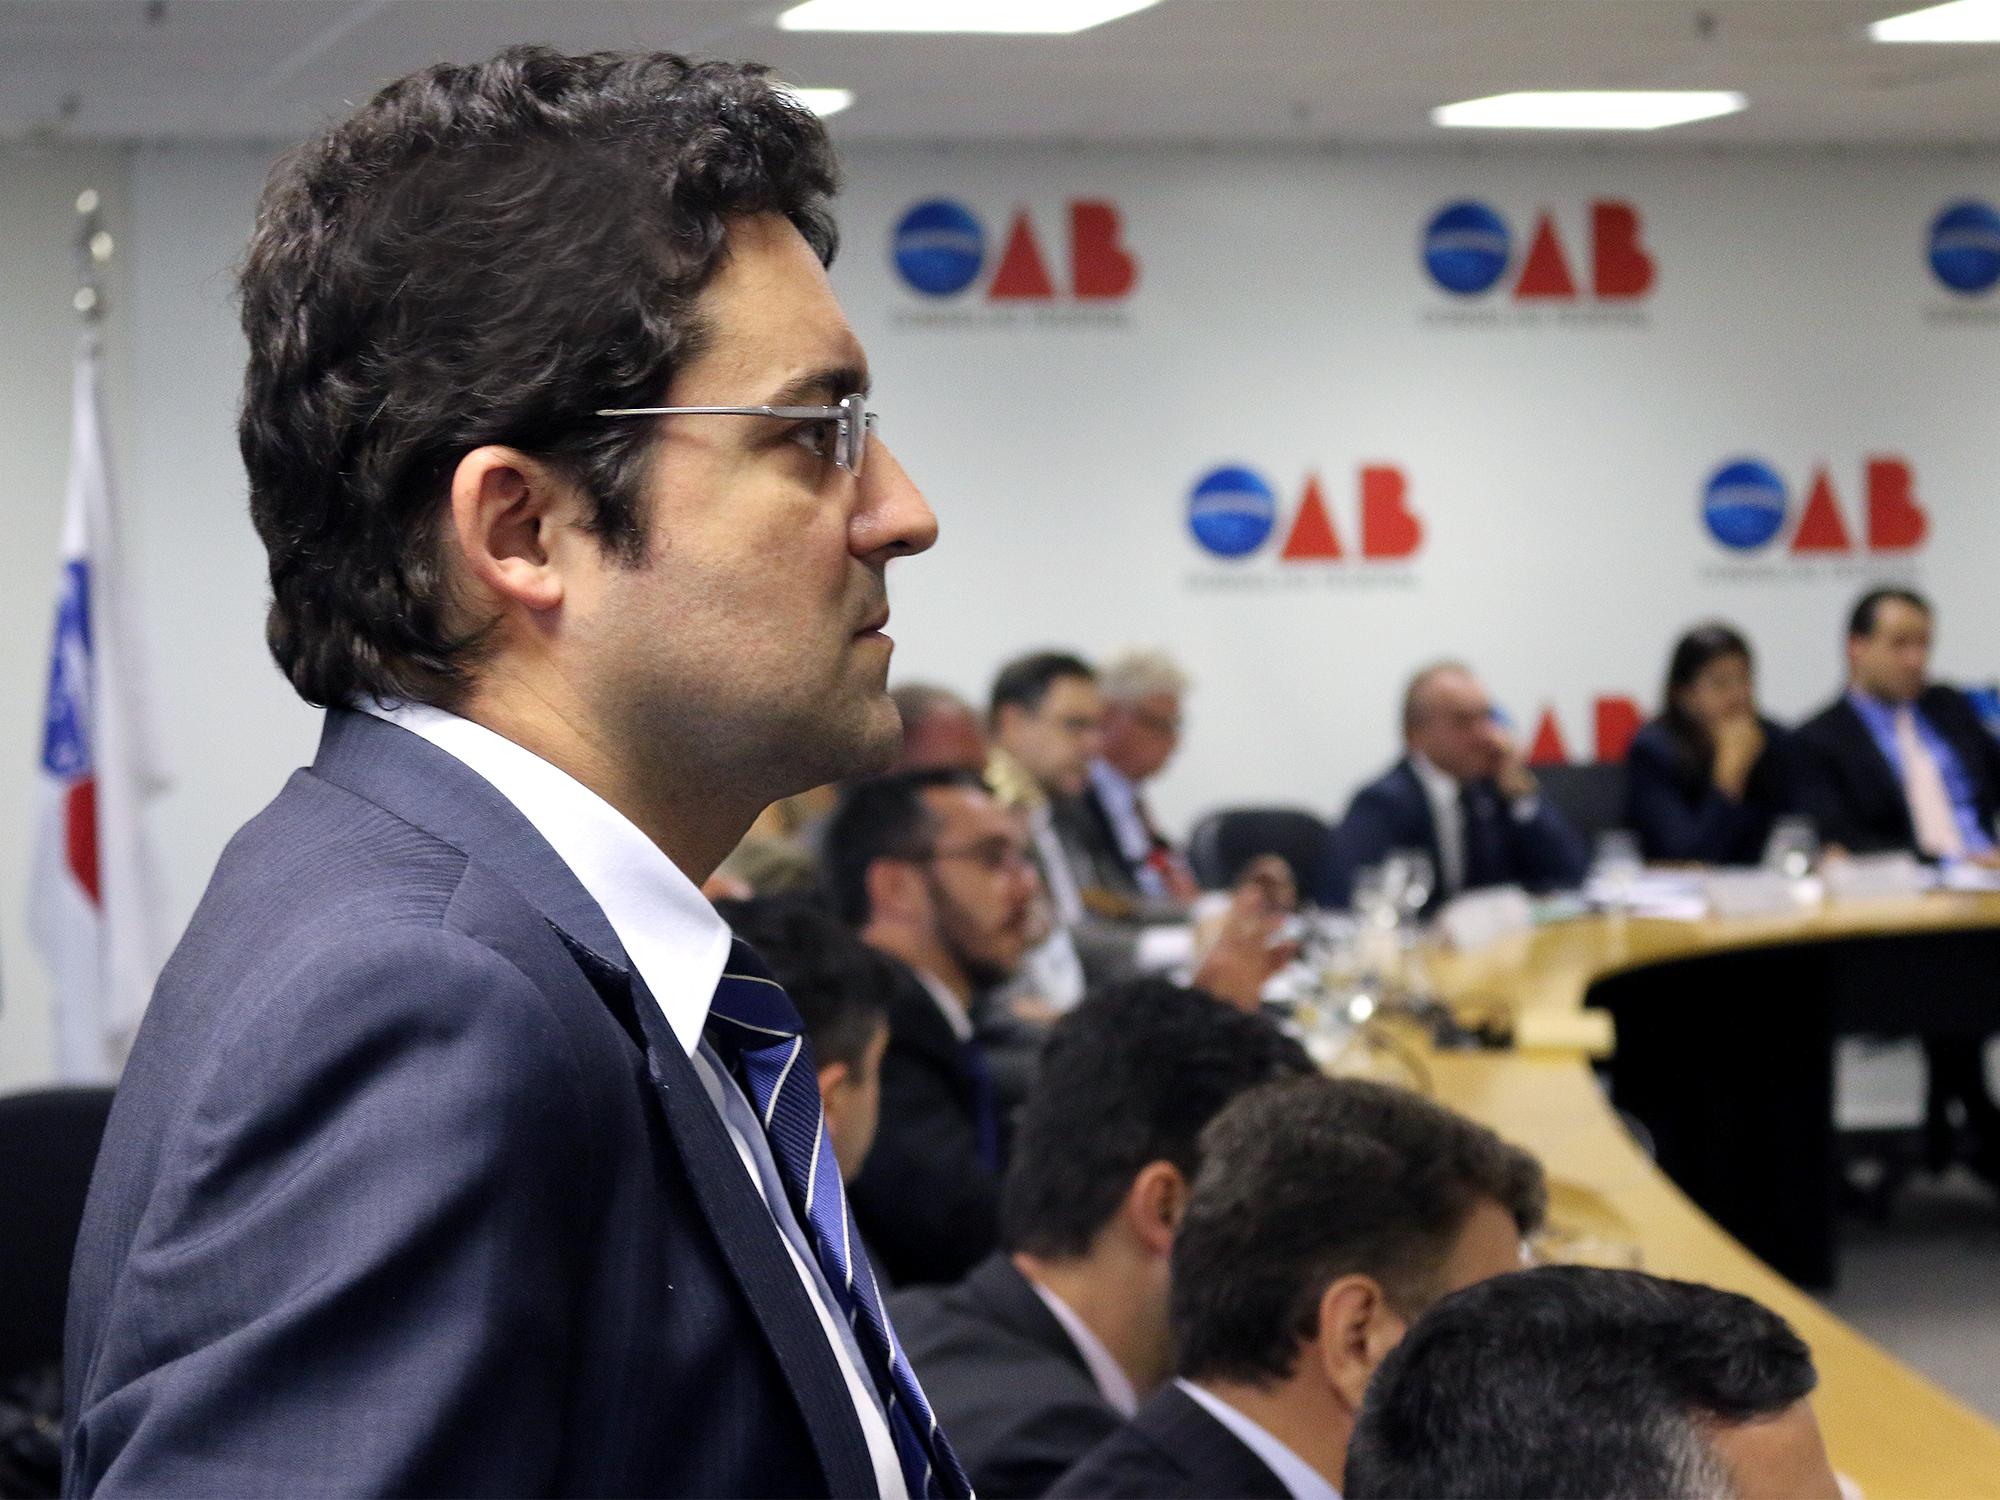 Presidente da ANESP, Alex Canuto, participou do encontro. Fotos: Filipe Calmon / ANESP